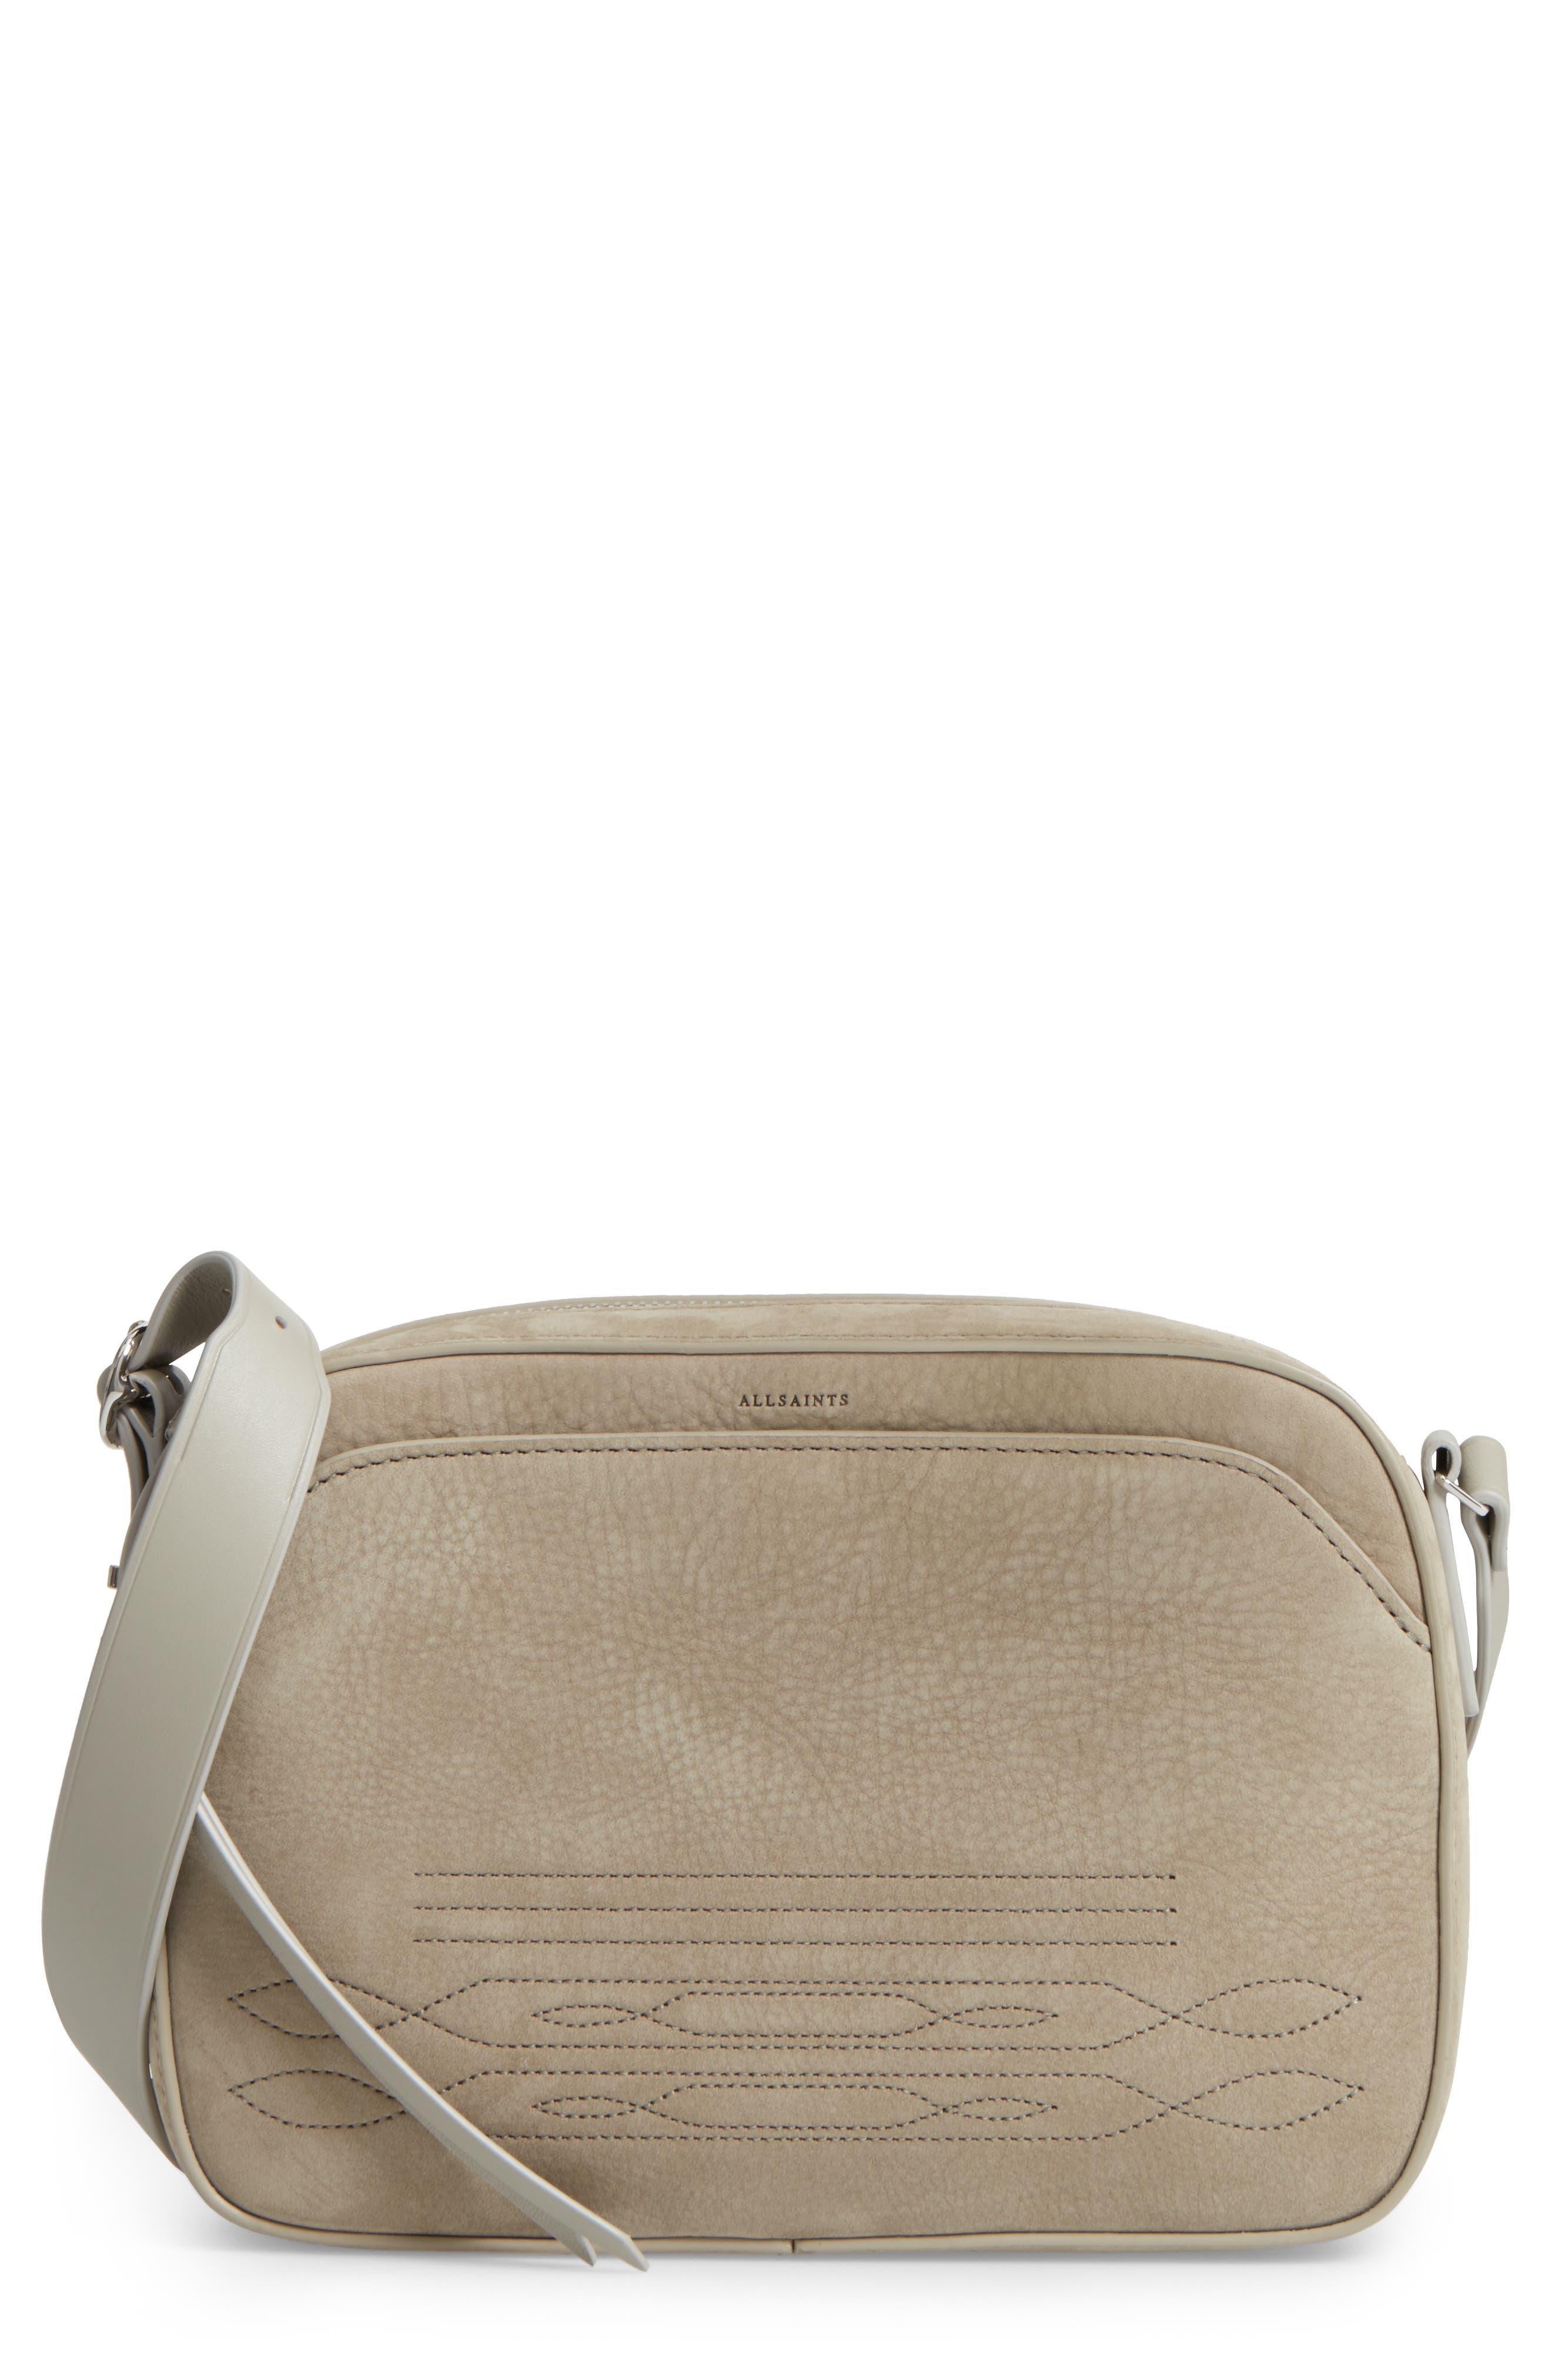 ALLSAINTS Cooper Nubuck Leather Shoulder Bag